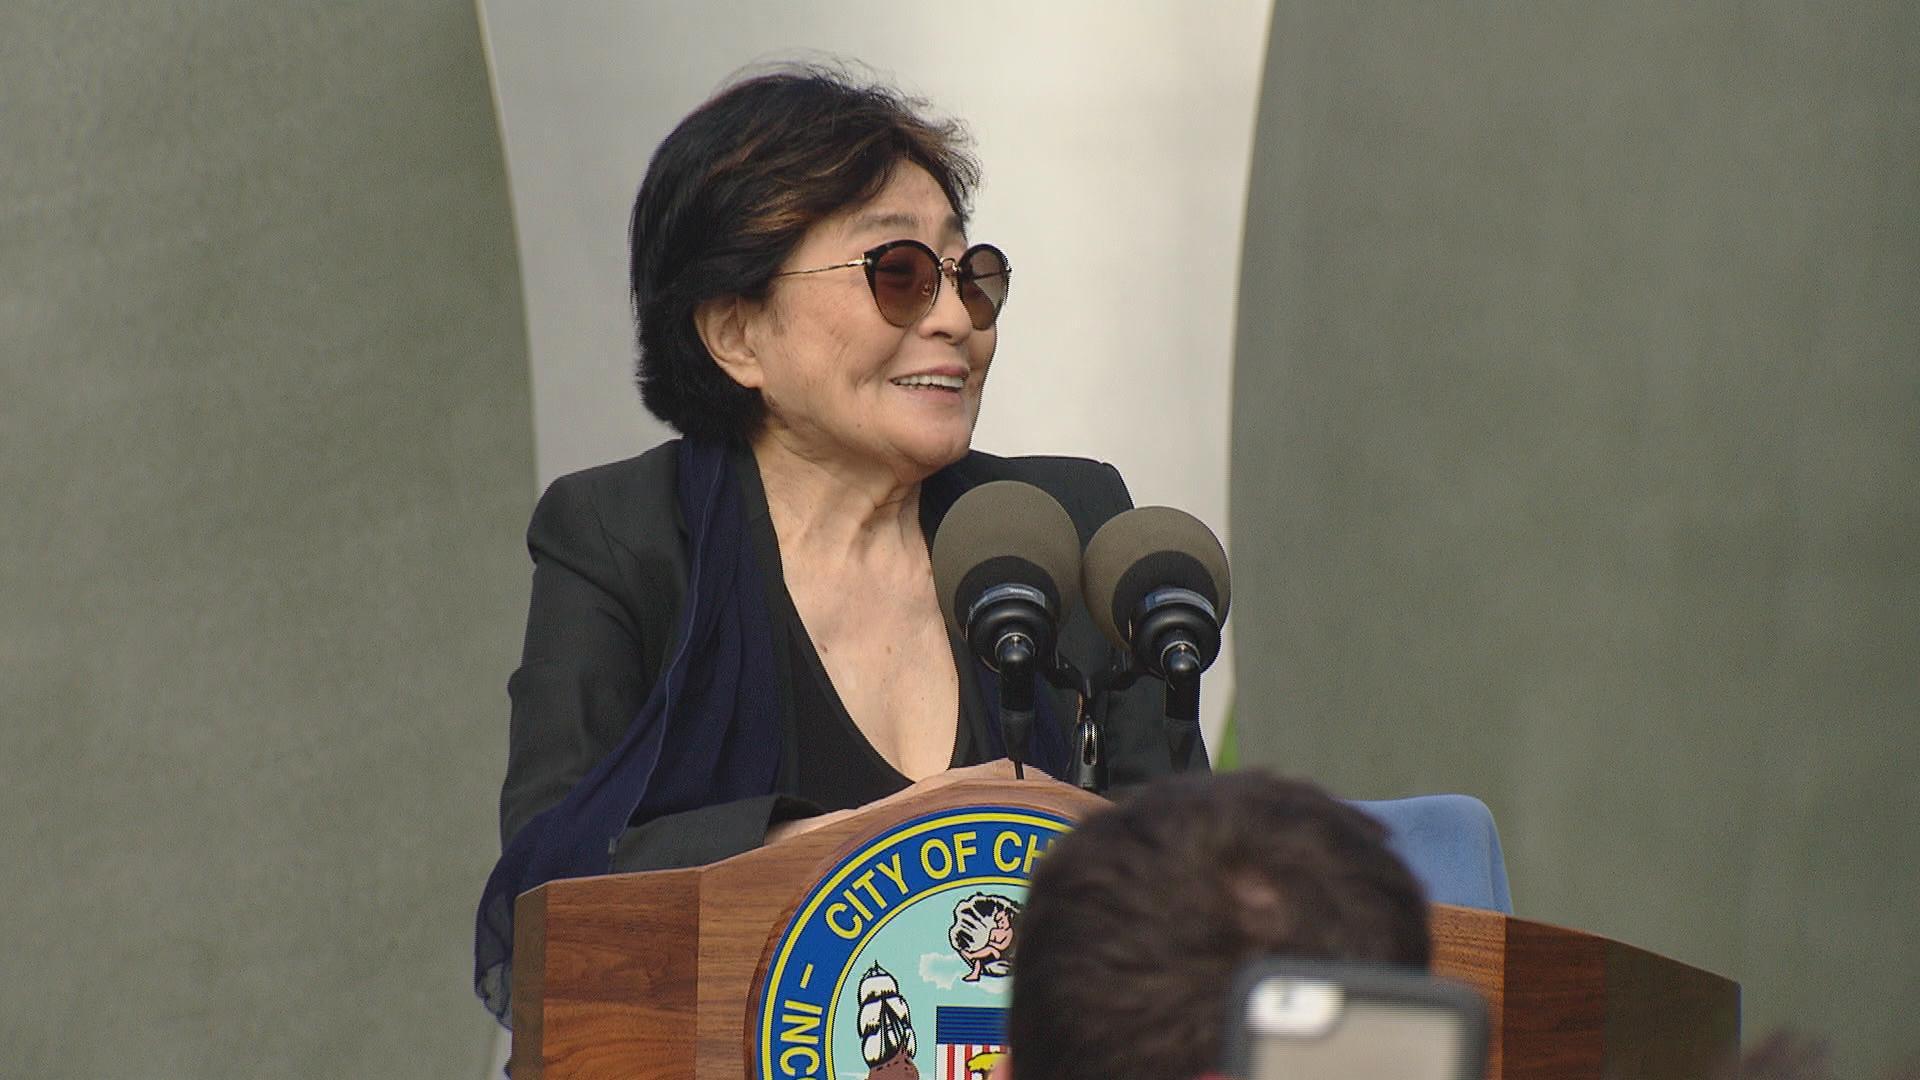 Yoko Ono Computer Backgrounds